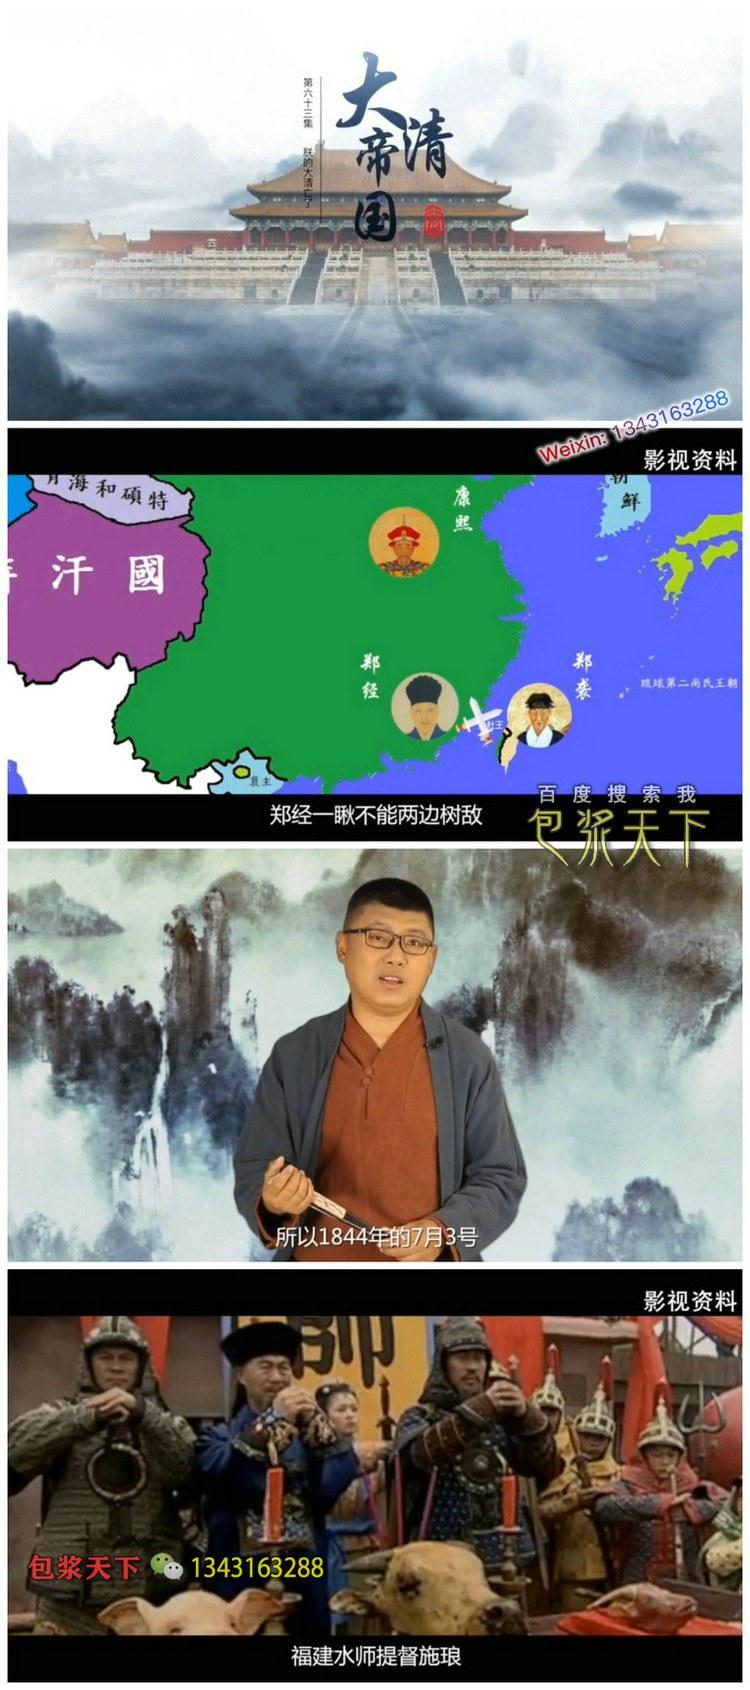 腾飞五千年之《大清帝国》视频全集